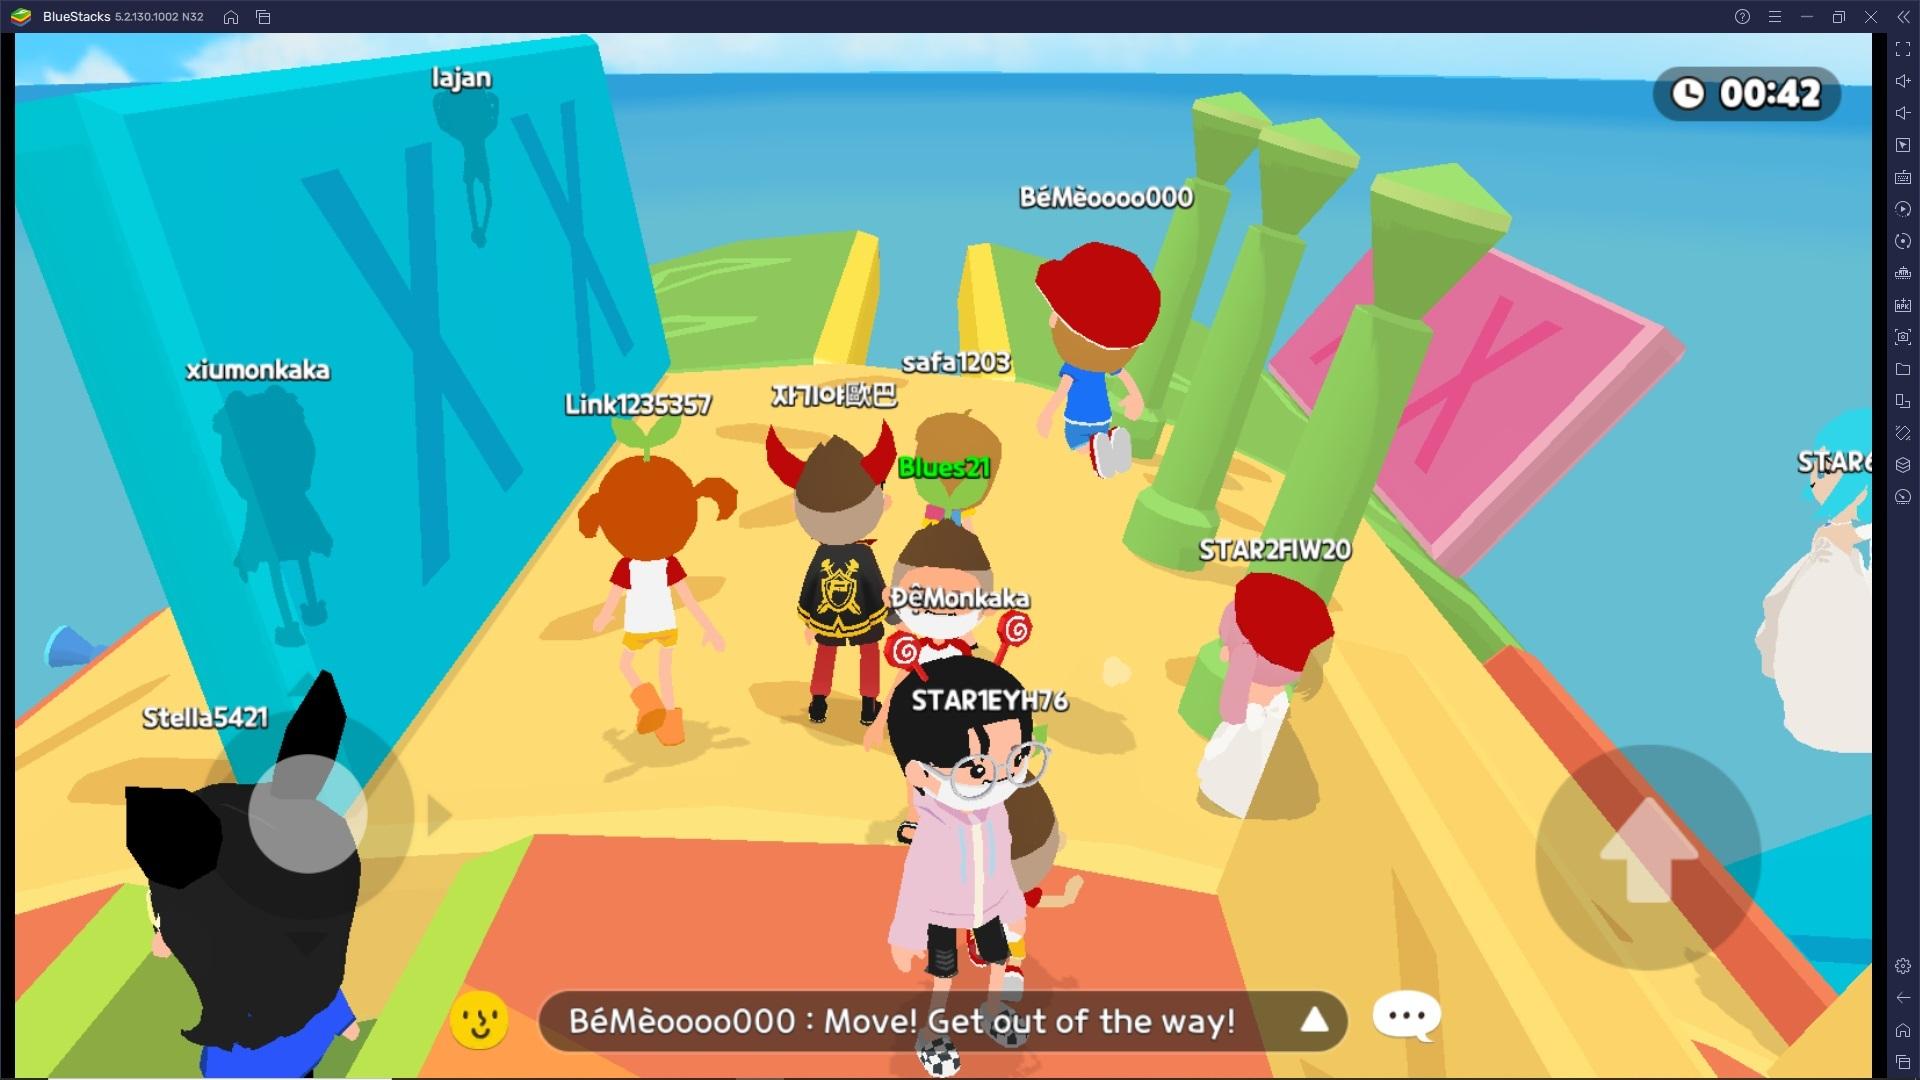 Consigli per affrontare la modalità Game Party di Play Together